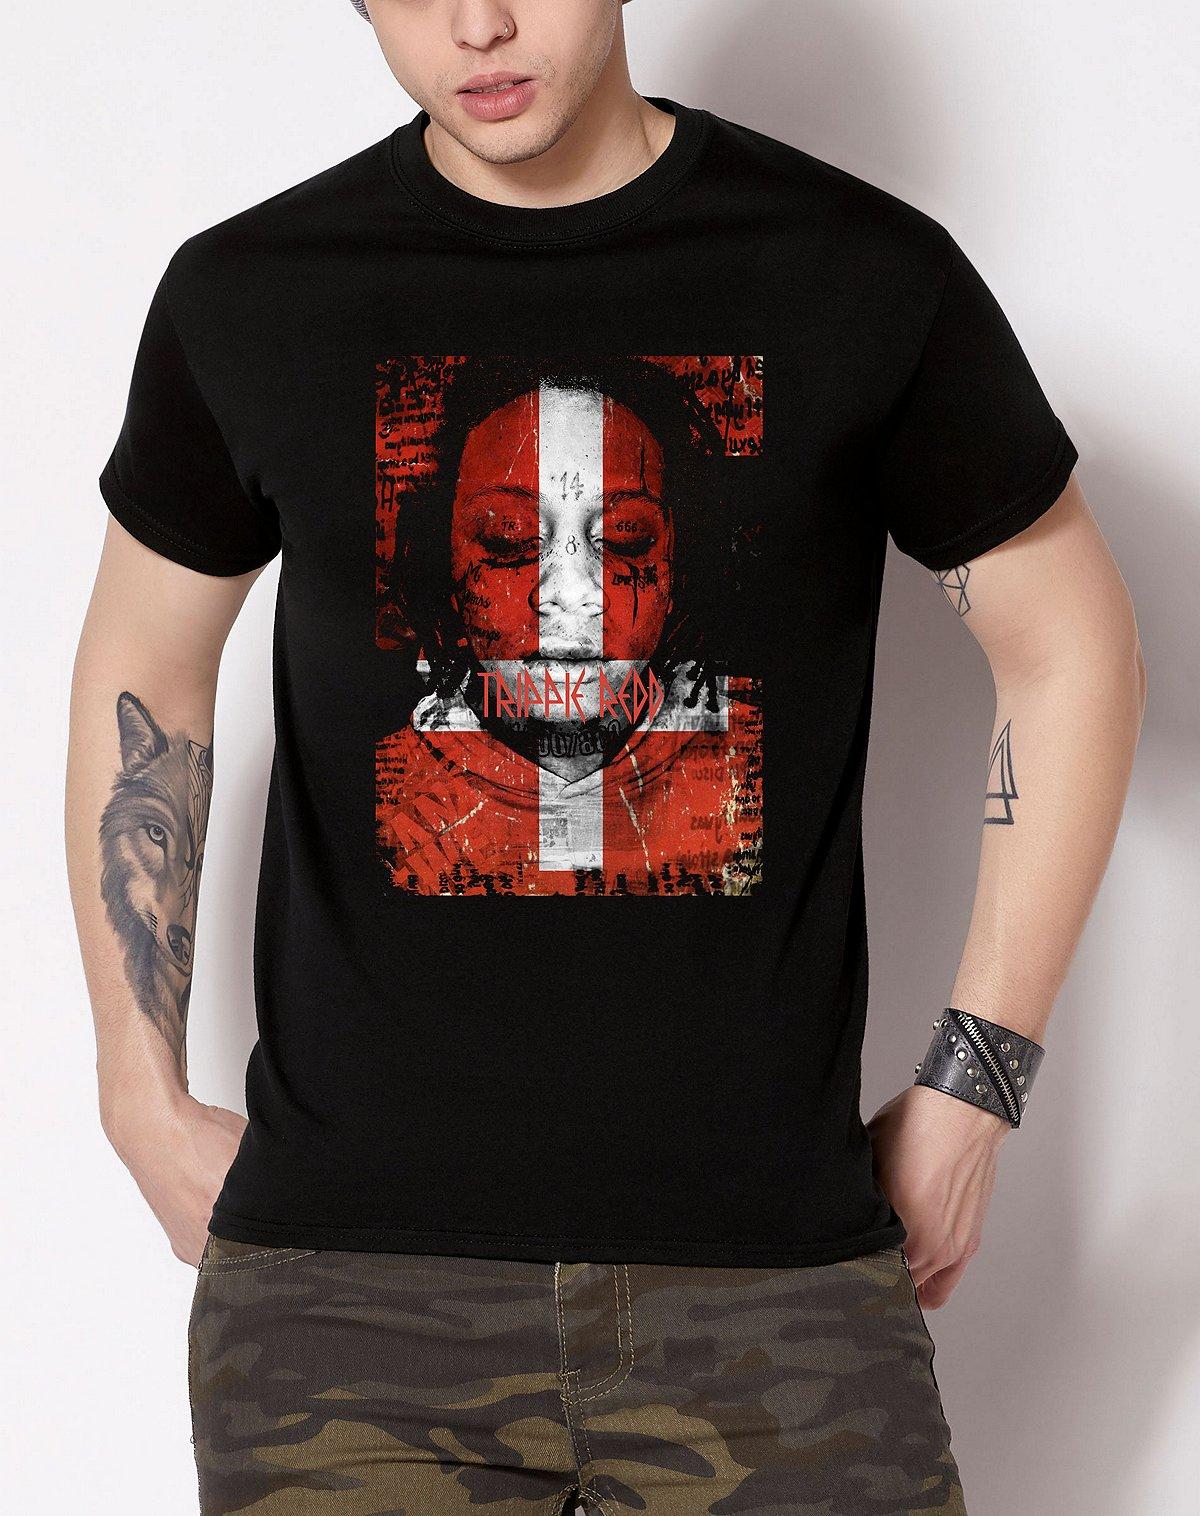 Trippie Redd T Shirt